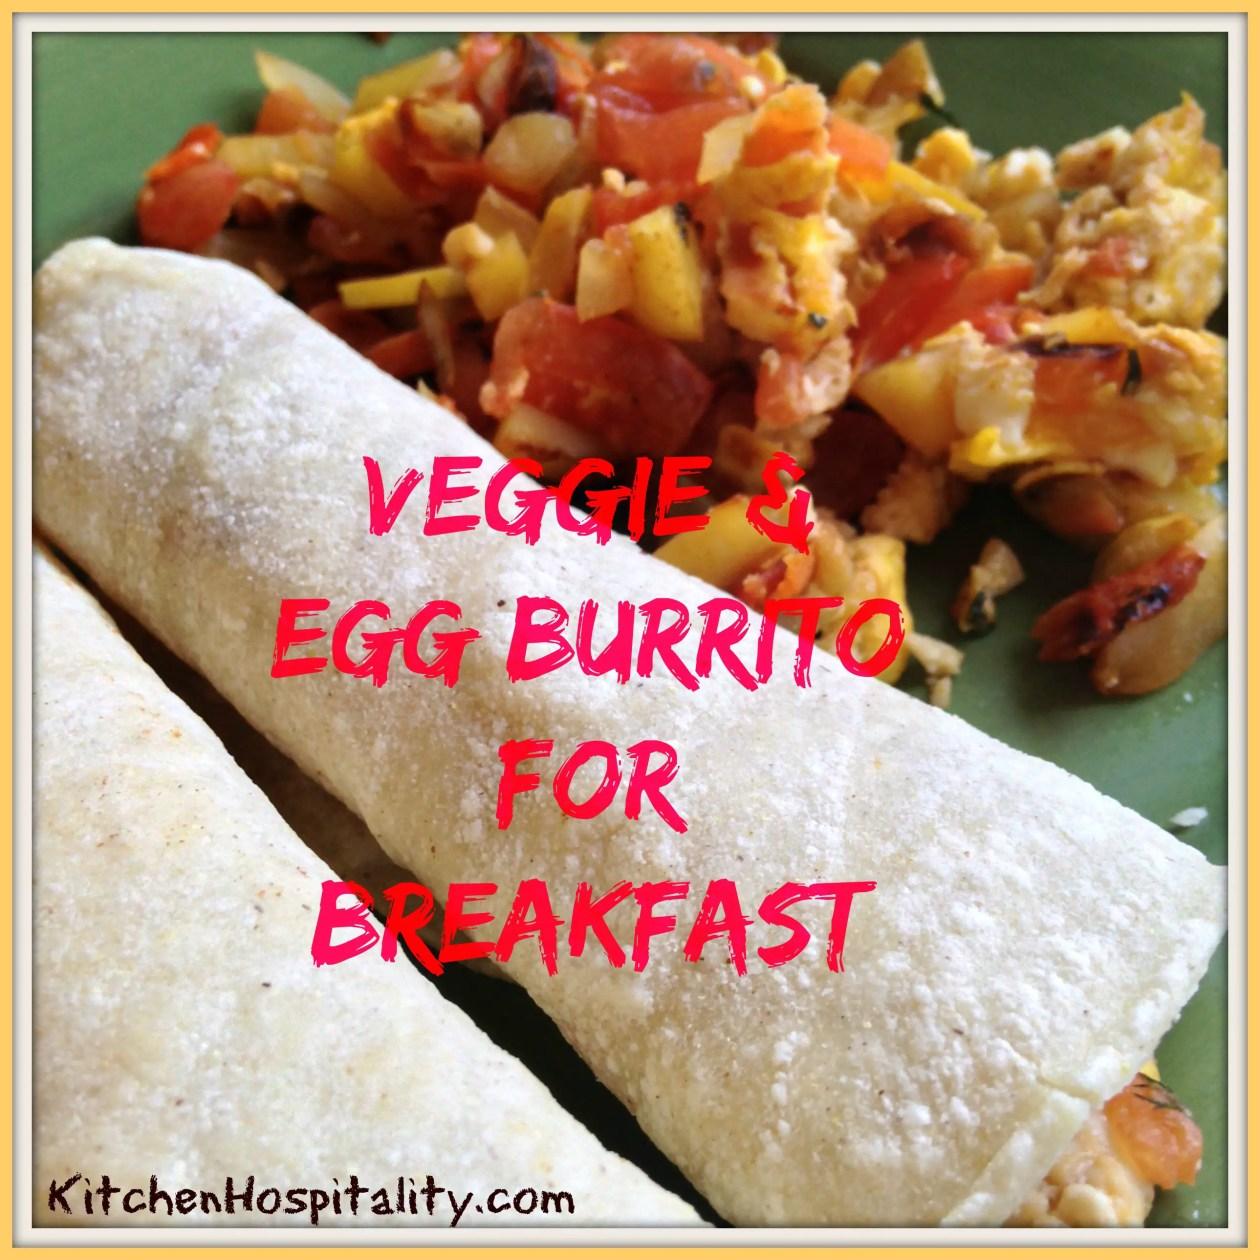 Veggies & Eggs for Breakfast